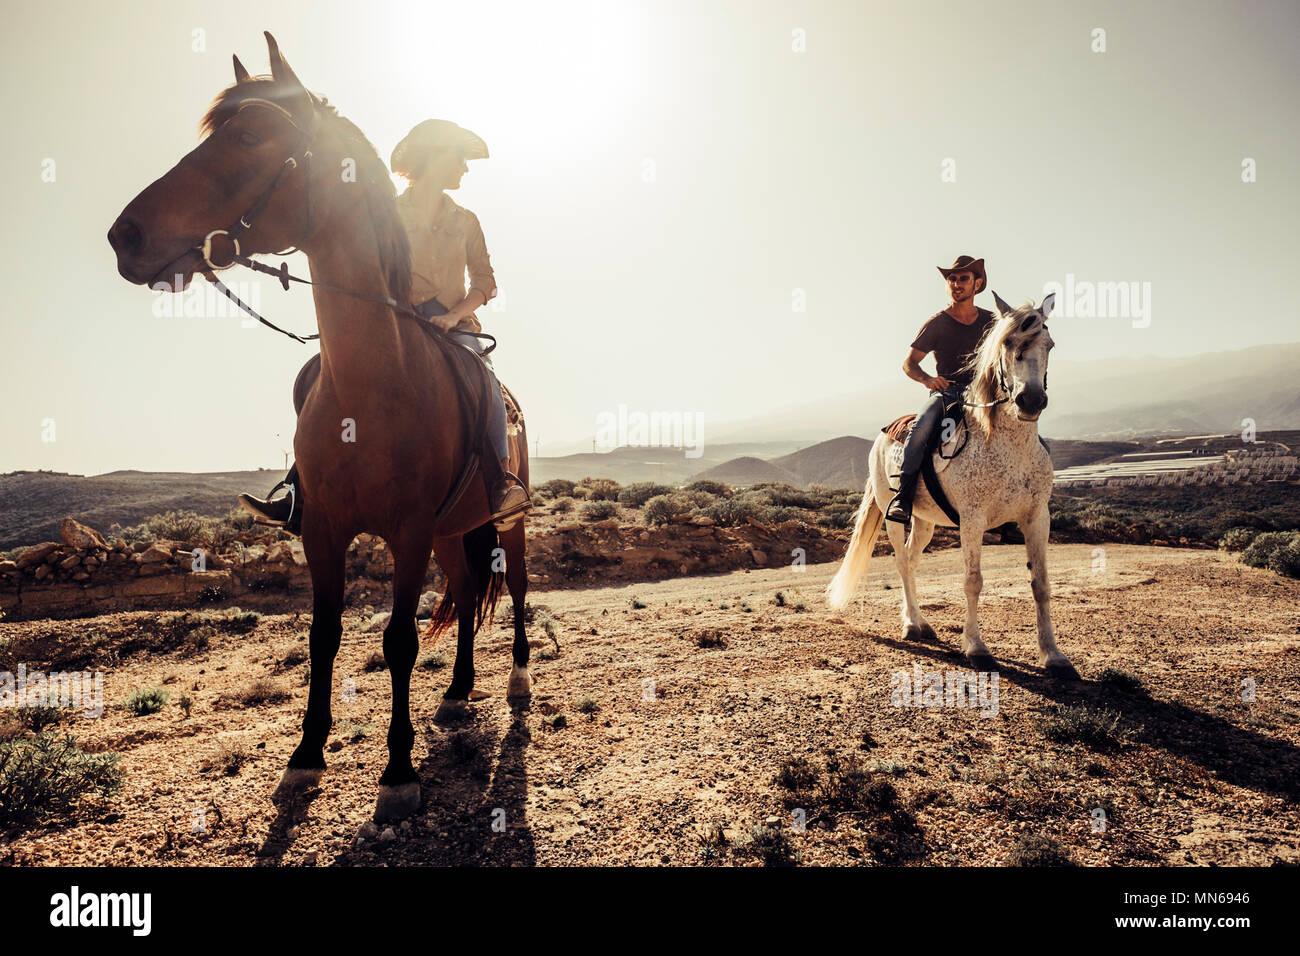 Par de cavalos e vaqueiros passeio masculino e feminino livre na natureza, as montanhas em Tenerife. estilo de vida e trabalhos alternativos ou atividade de lazerFoto de Stock